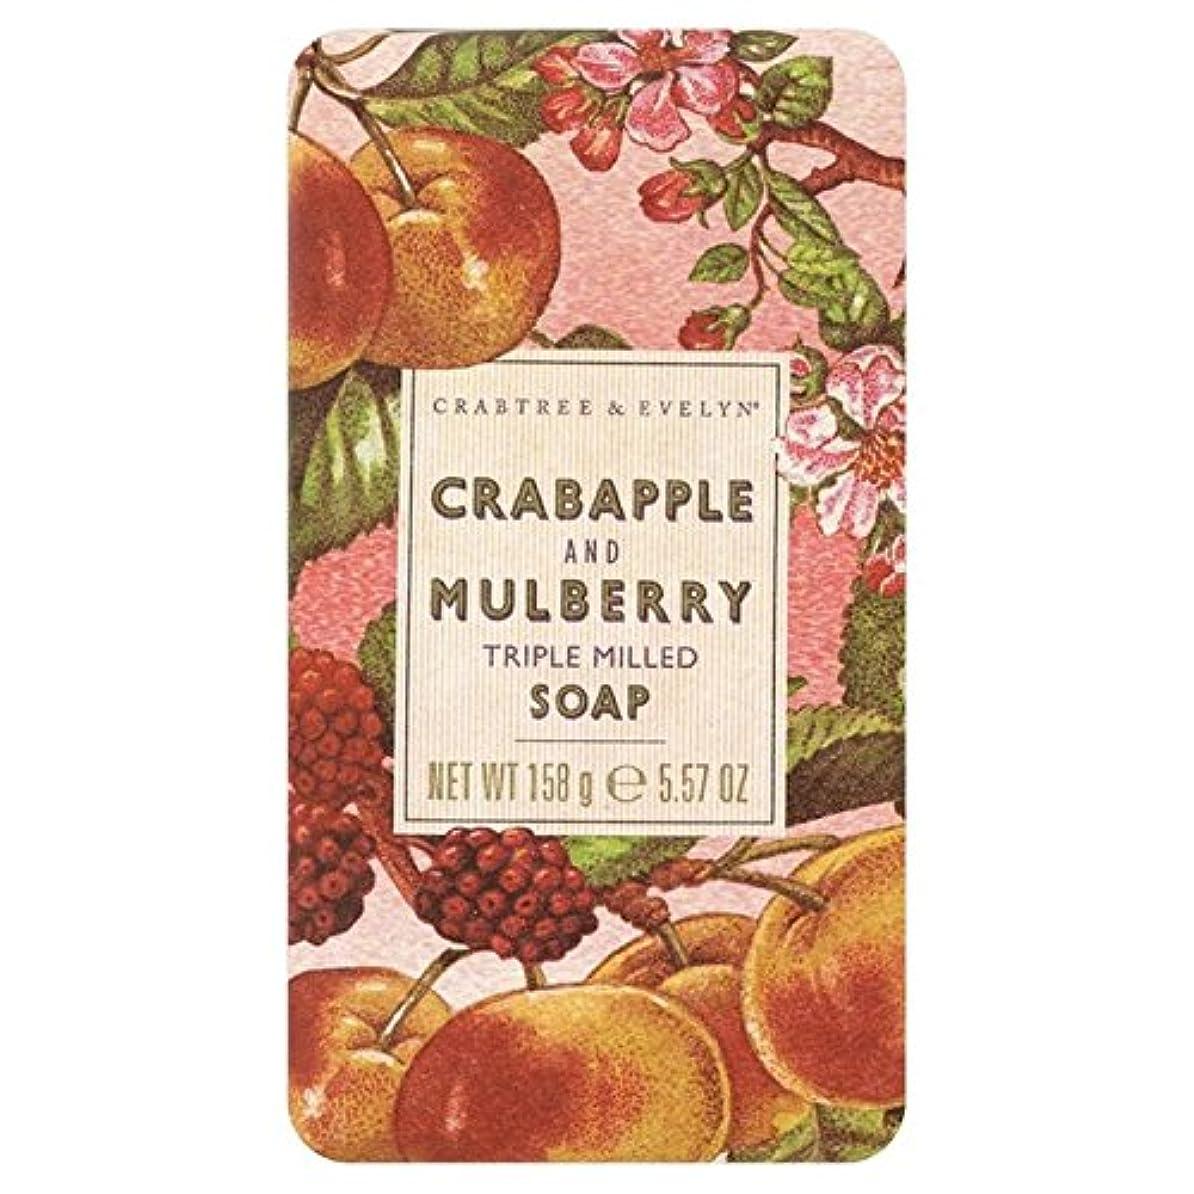 不誠実ゾーンボクシングクラブツリー&イヴリンと桑遺産石鹸150グラム x2 - Crabtree & Evelyn Crabapple and Mulberry Heritage Soap 150g (Pack of 2) [並行輸入品]